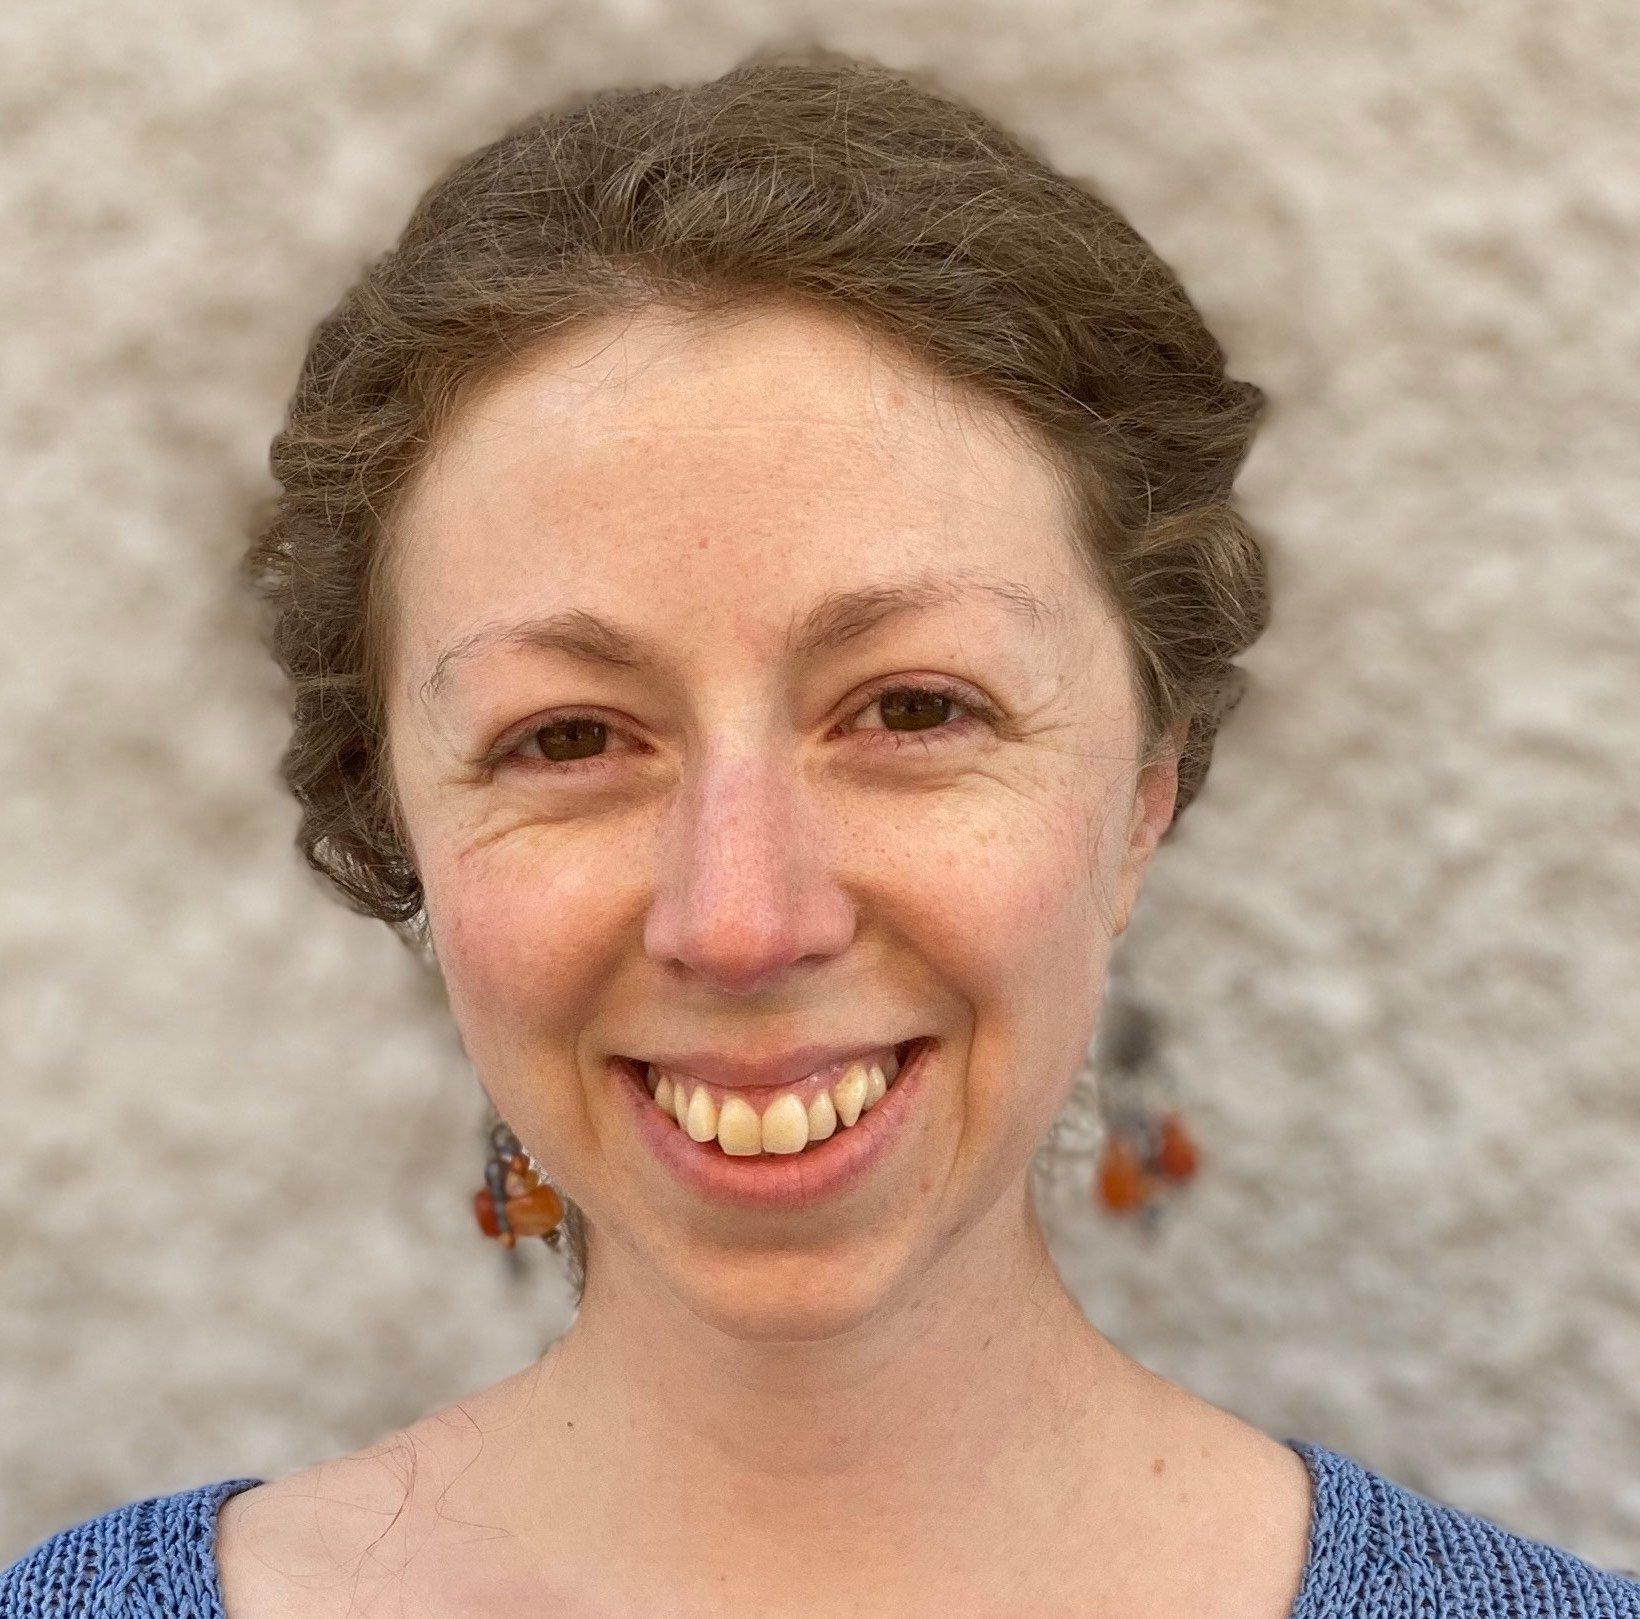 IMG_0691 - Erika Dunn-Weiss